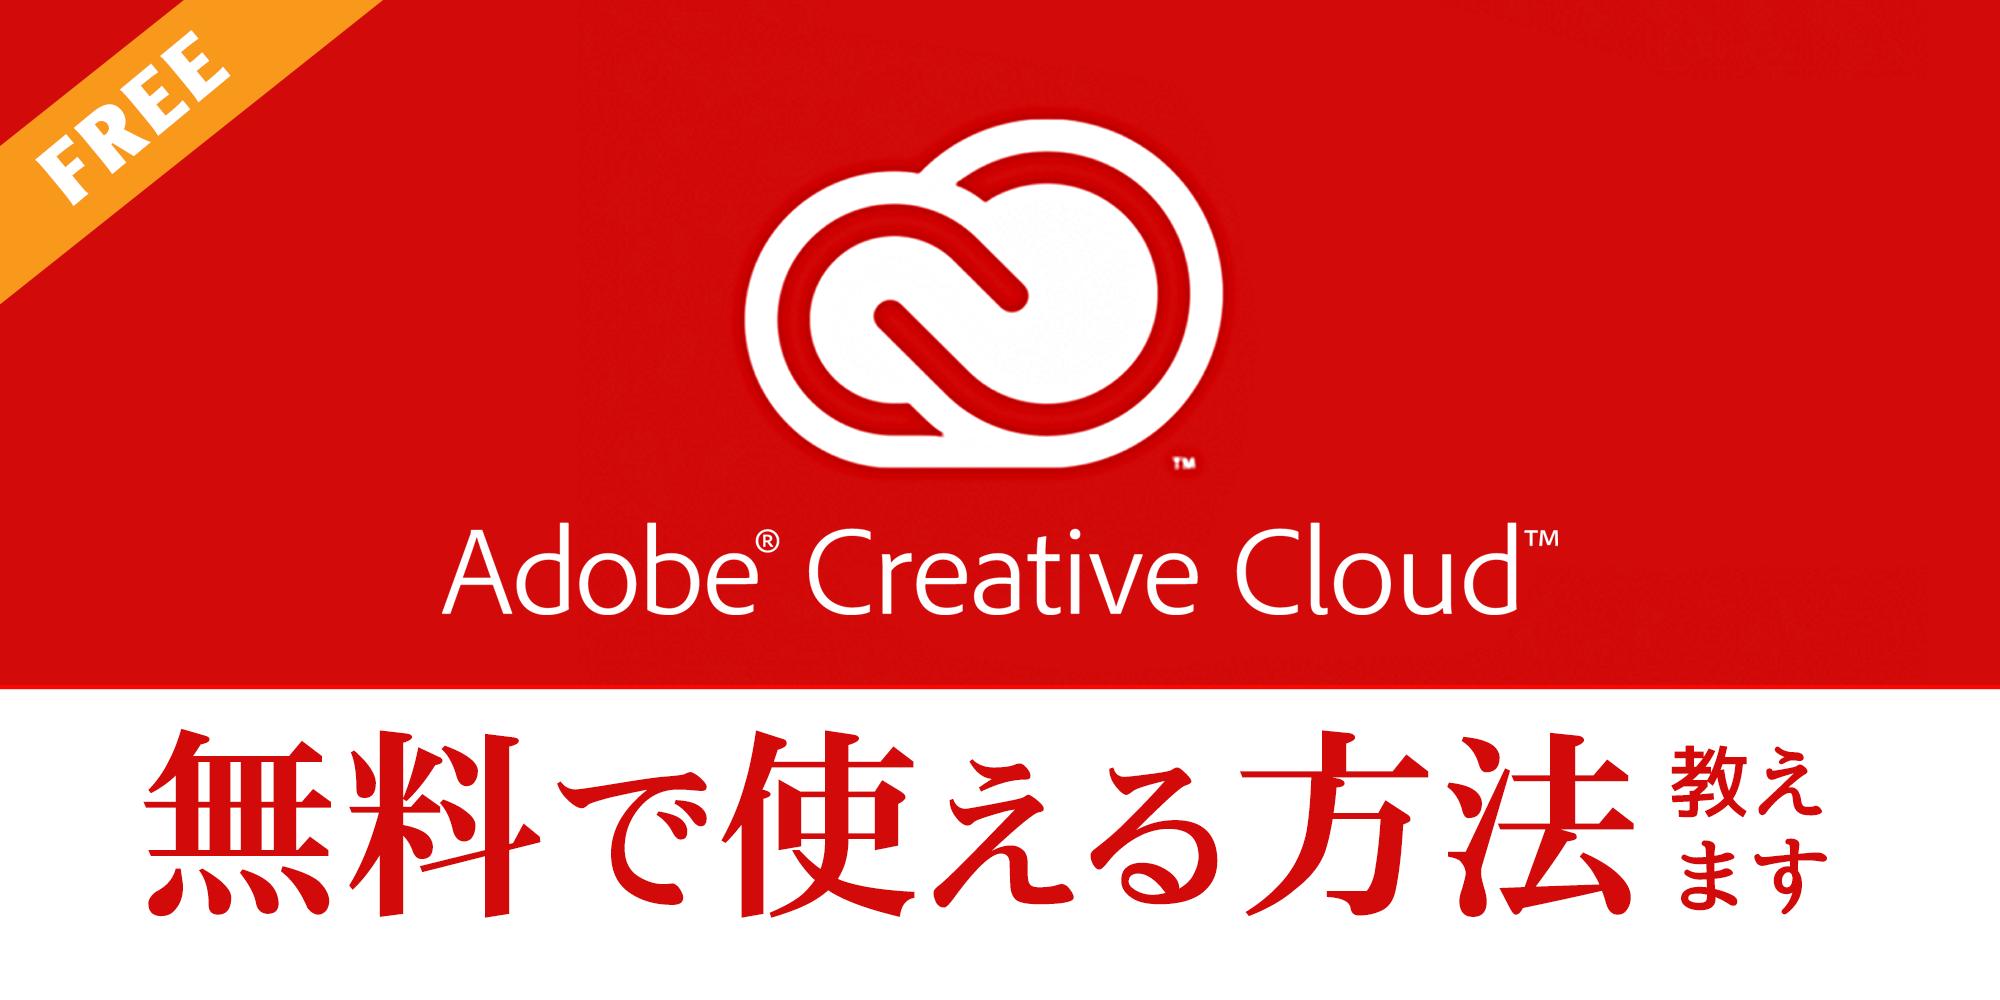 Adobe creative cloud 無料で使う方法